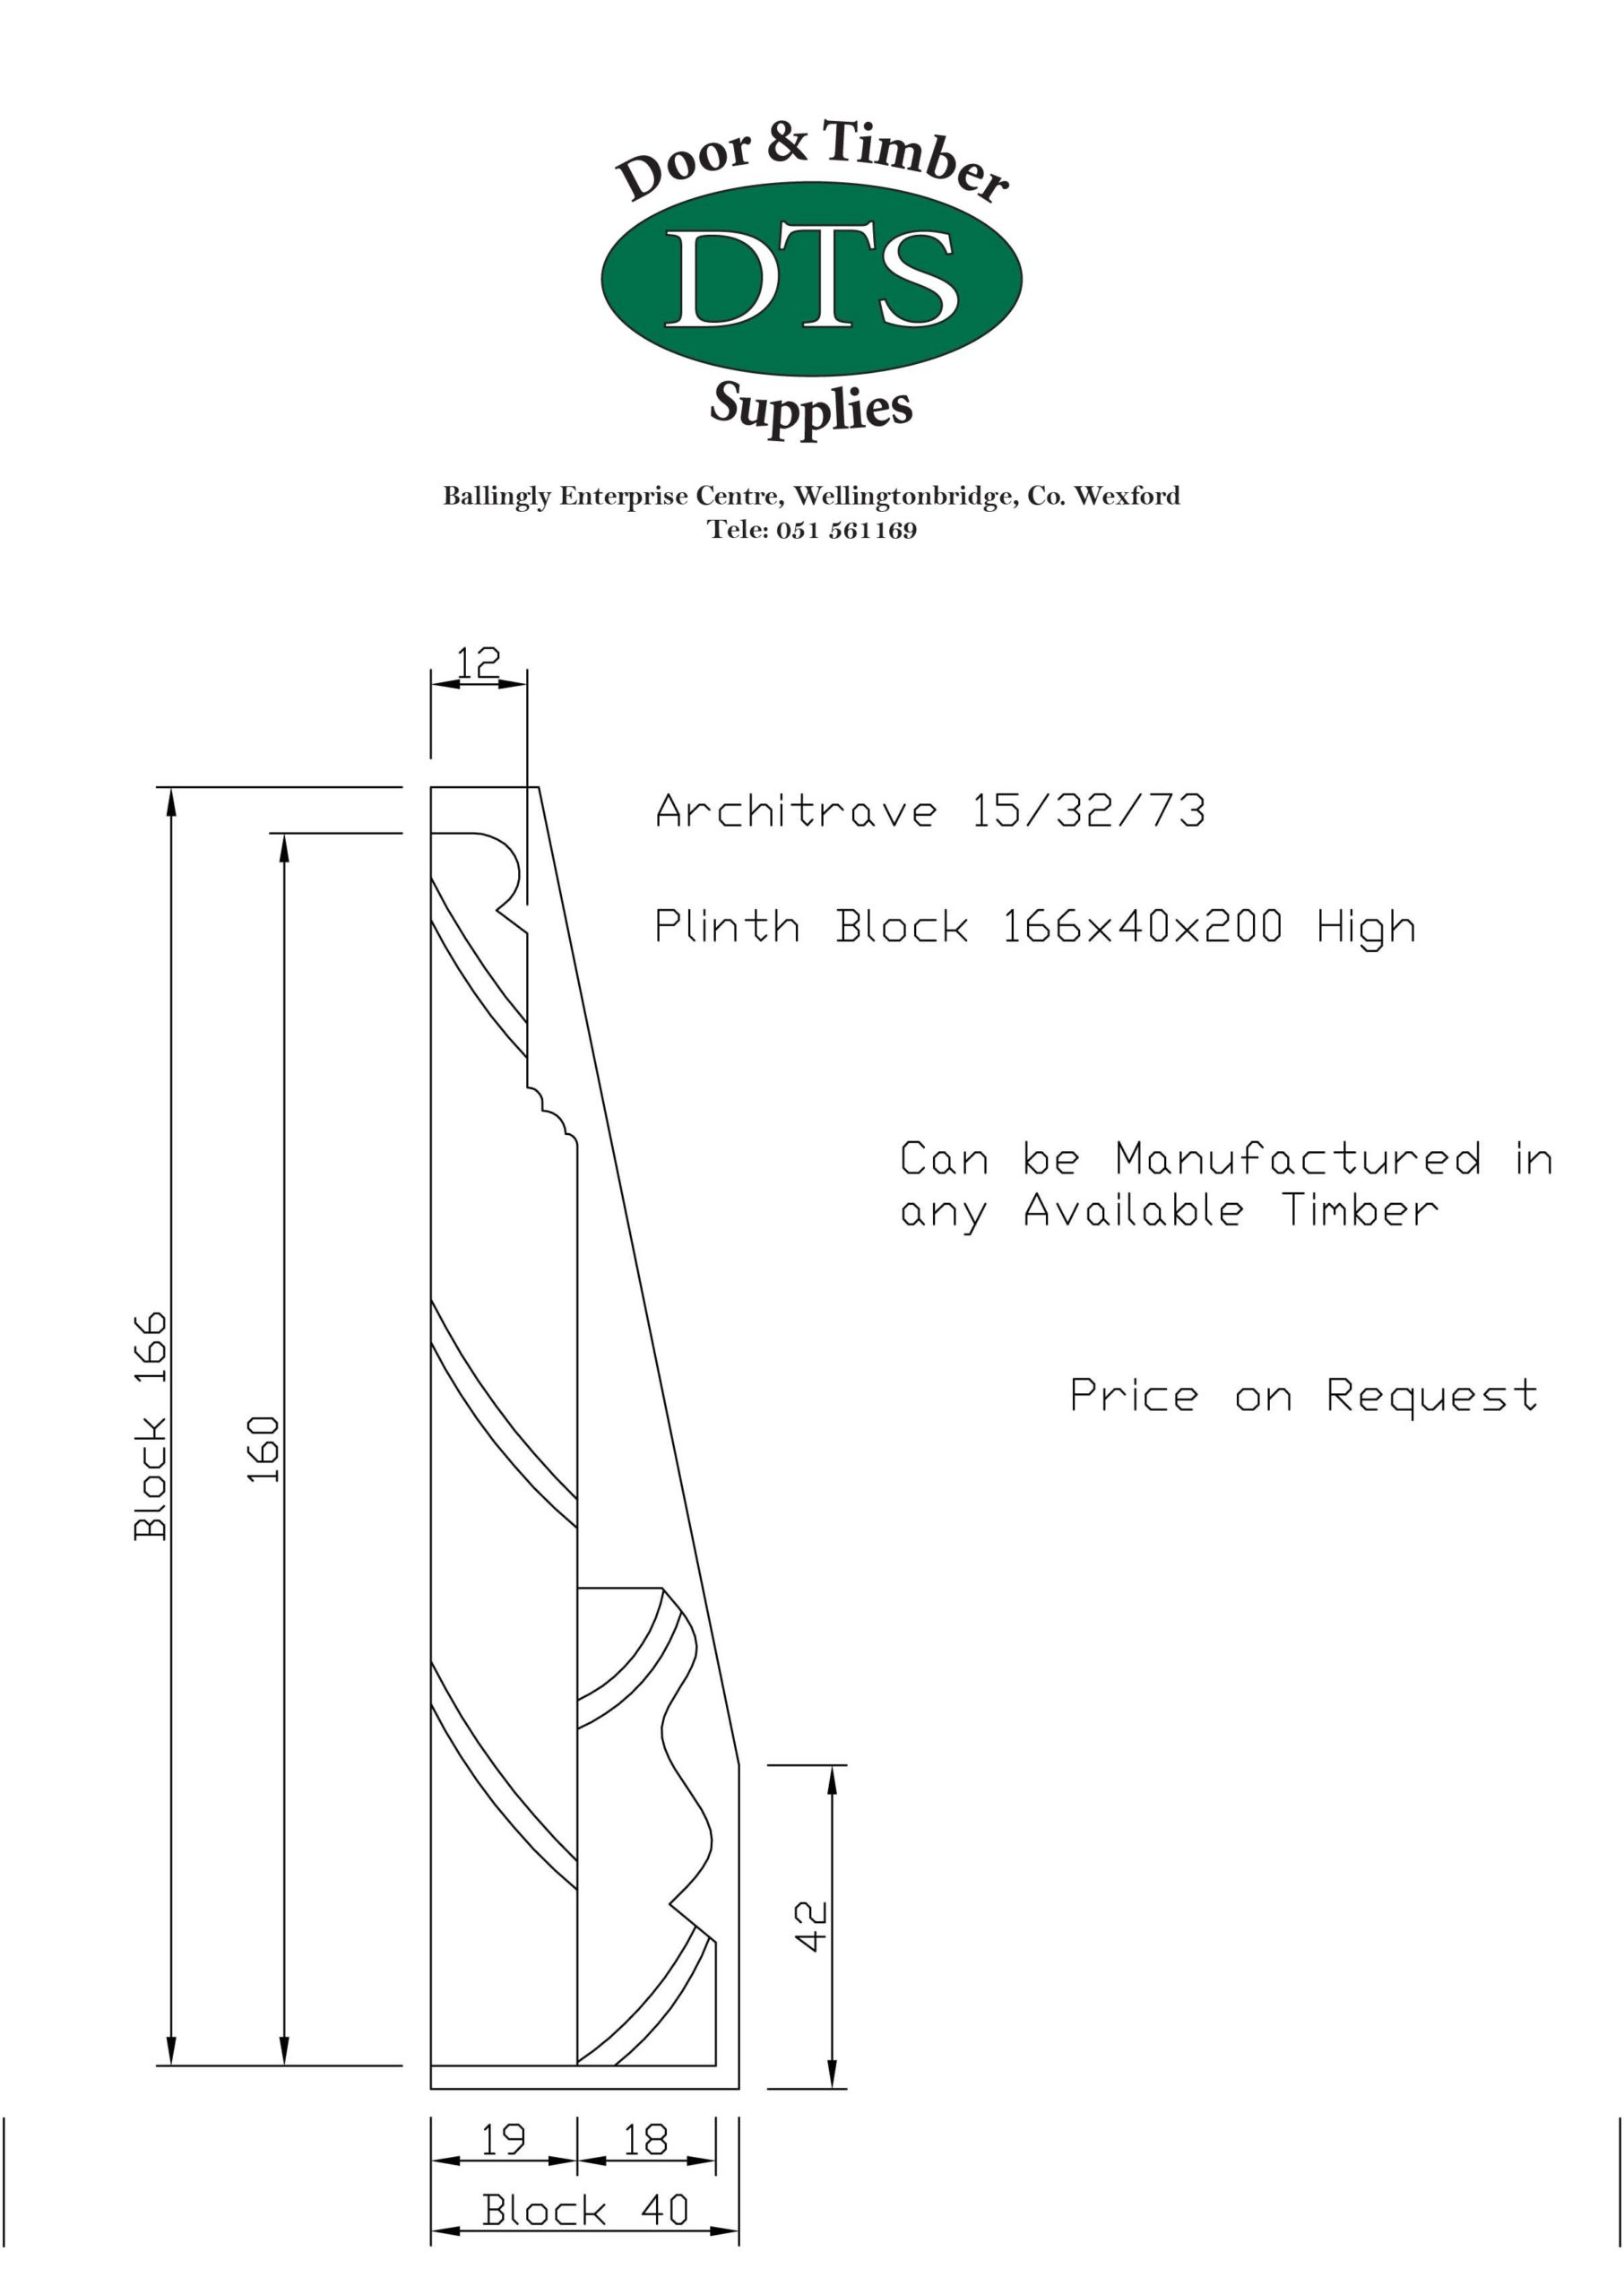 Door and Timber Supplies - Bespoke Heel Blocks